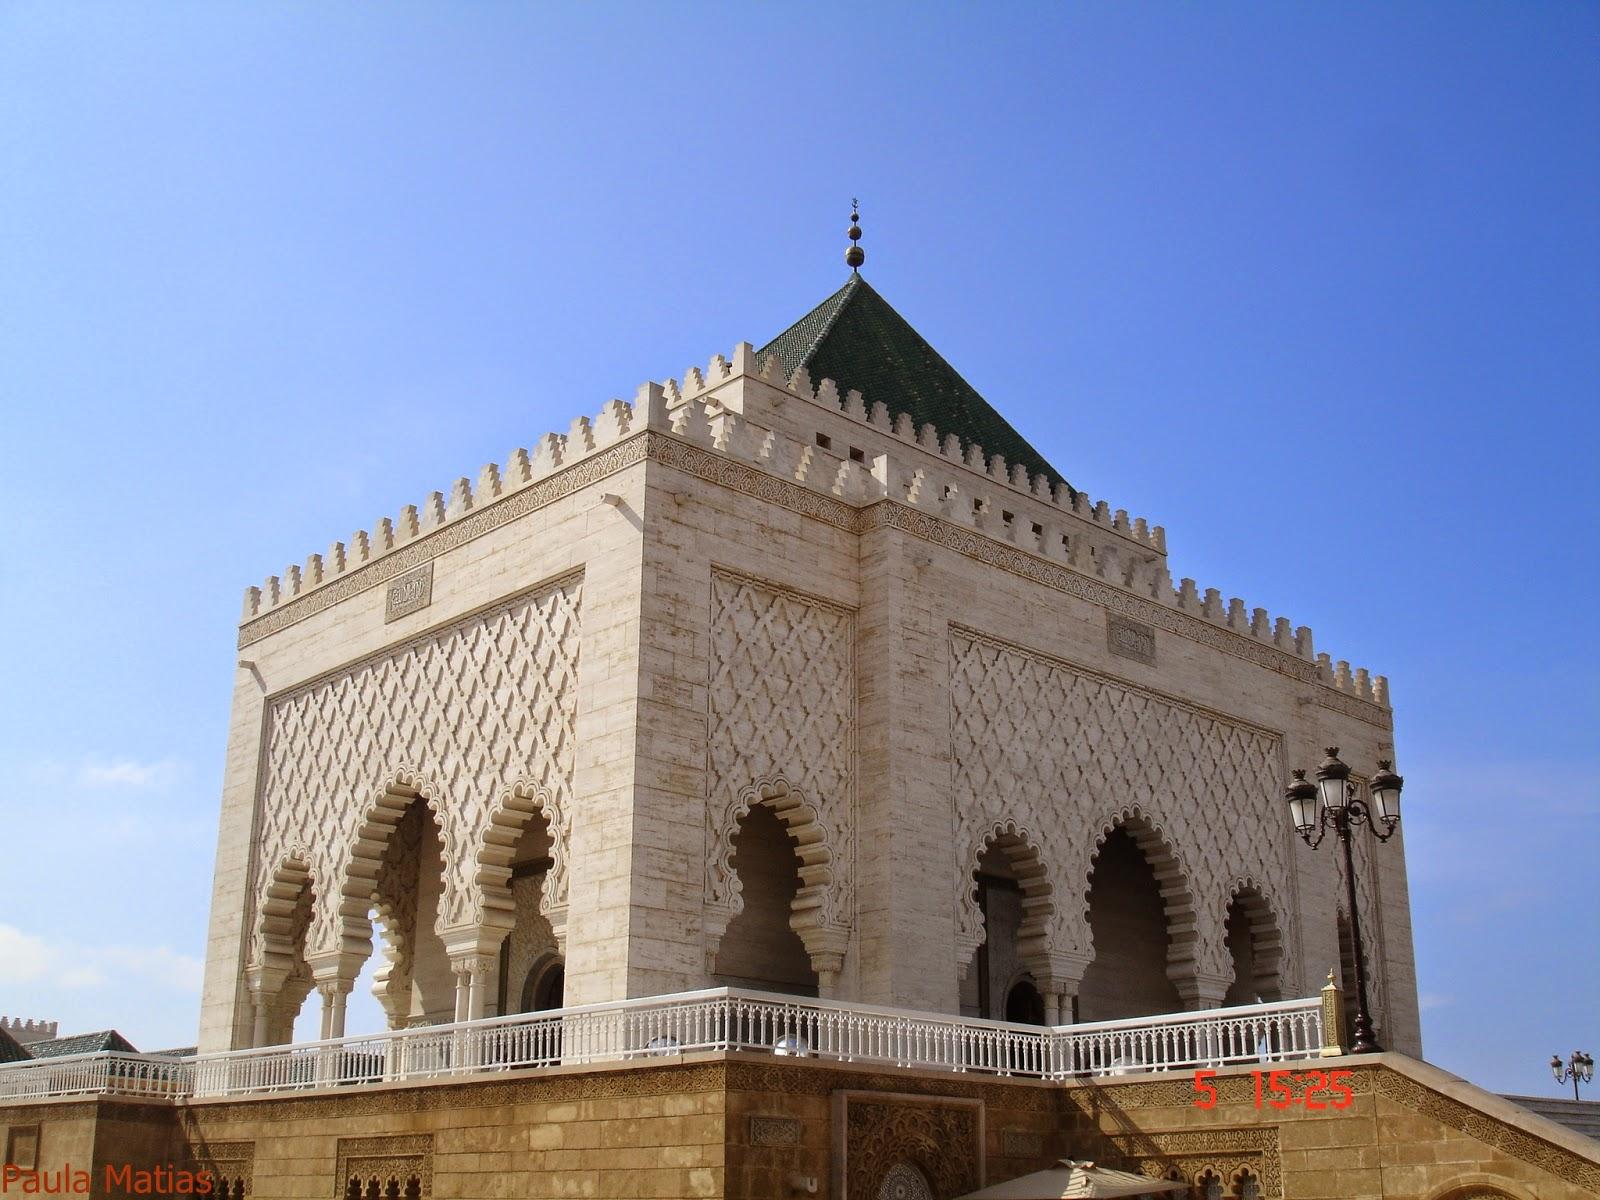 Marrocos 2014 - O regresso  Proxy?url=http%3A%2F%2F1.bp.blogspot.com%2F-F6tFgeM-q-8%2FVEpxw2VRqEI%2FAAAAAAAADsA%2FZNbRLiGepok%2Fs1600%2FDSC03116_new